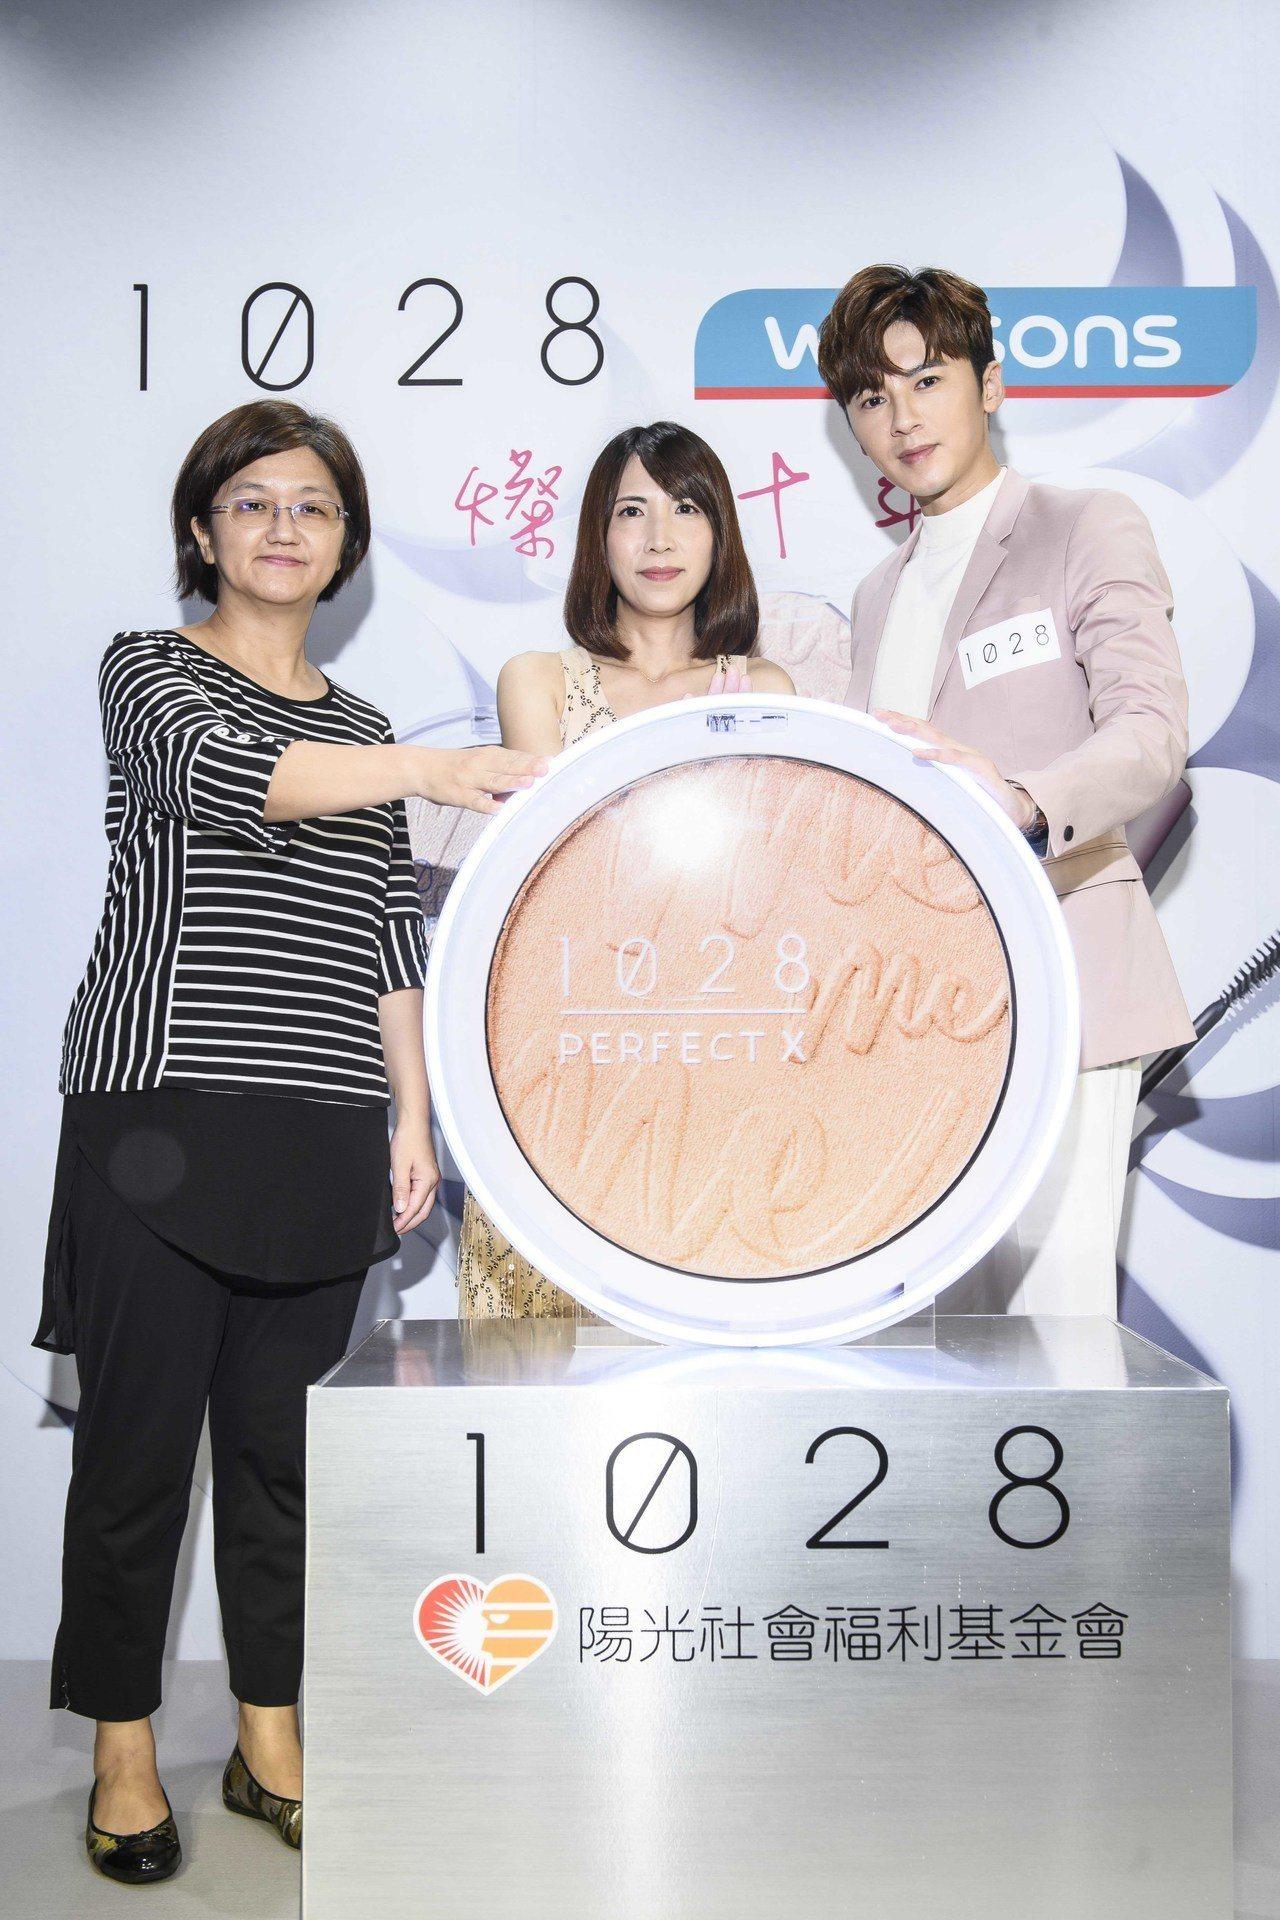 1028總經理孫莉婷(中)表示,即日起品牌每售出一個「完美十刻打亮限量盤」,即提...